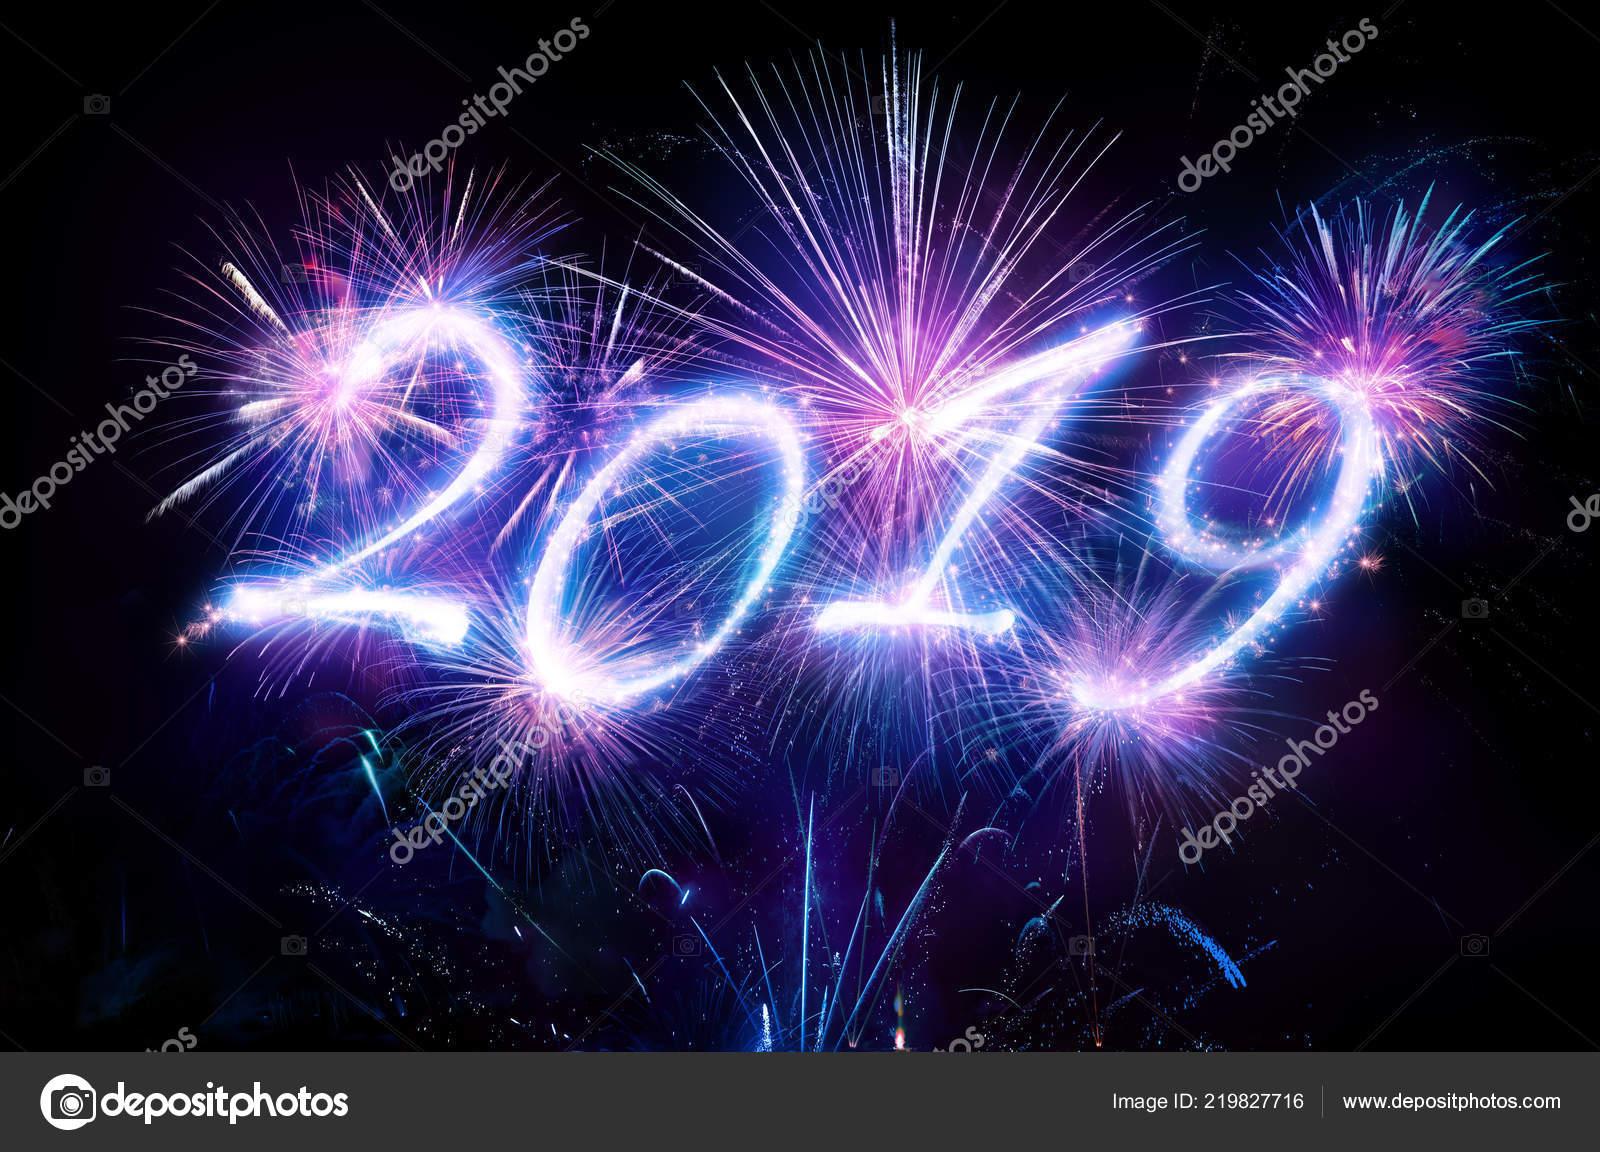 Feliz Ano Nuevo 2019 Con Fuegos Artificiales Foto De Stock